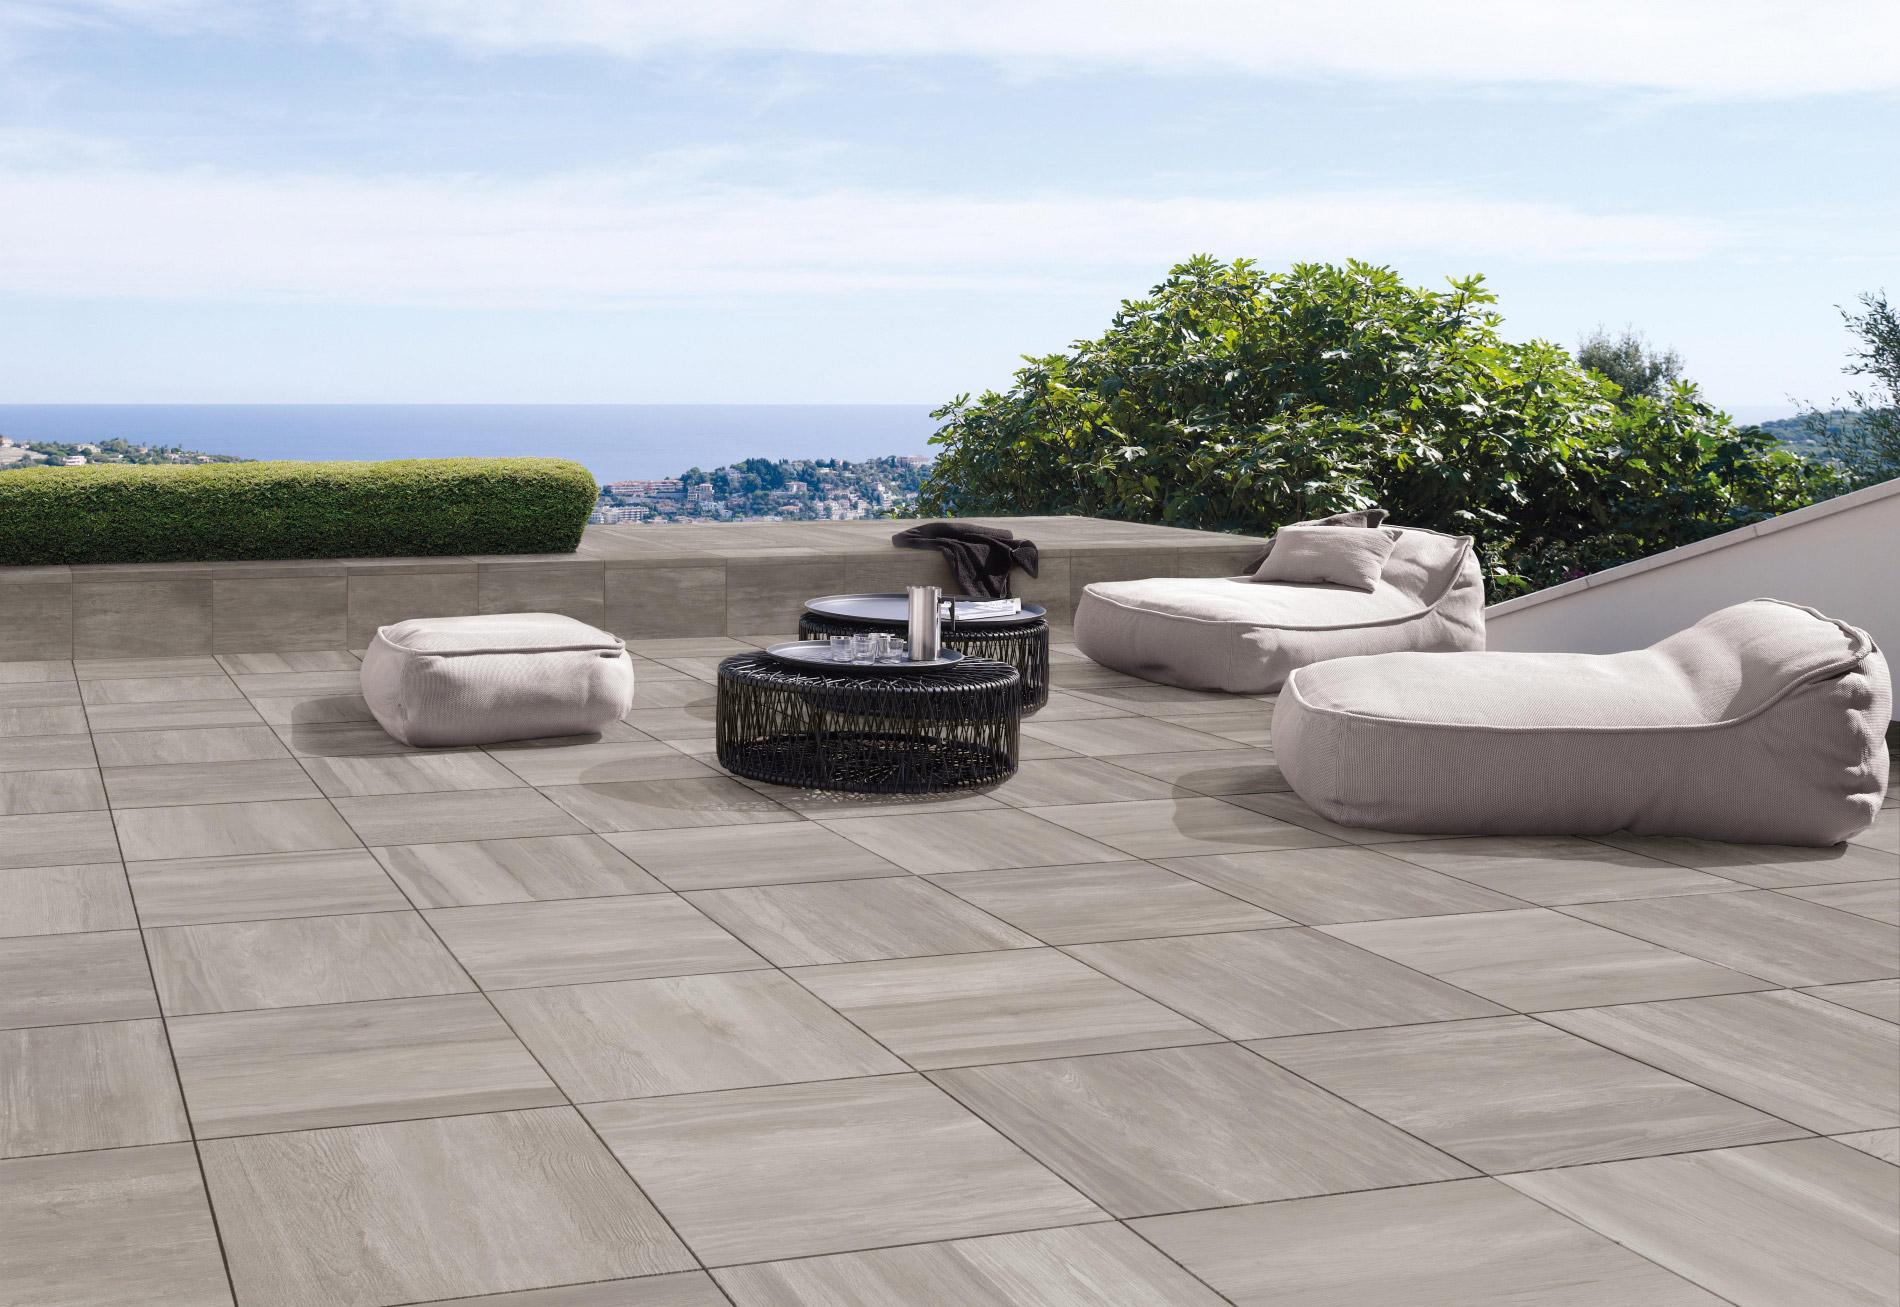 Timber   Alpine AshWood Effect Porcelain Tiles. Porcelain Tiles For External Use. Home Design Ideas